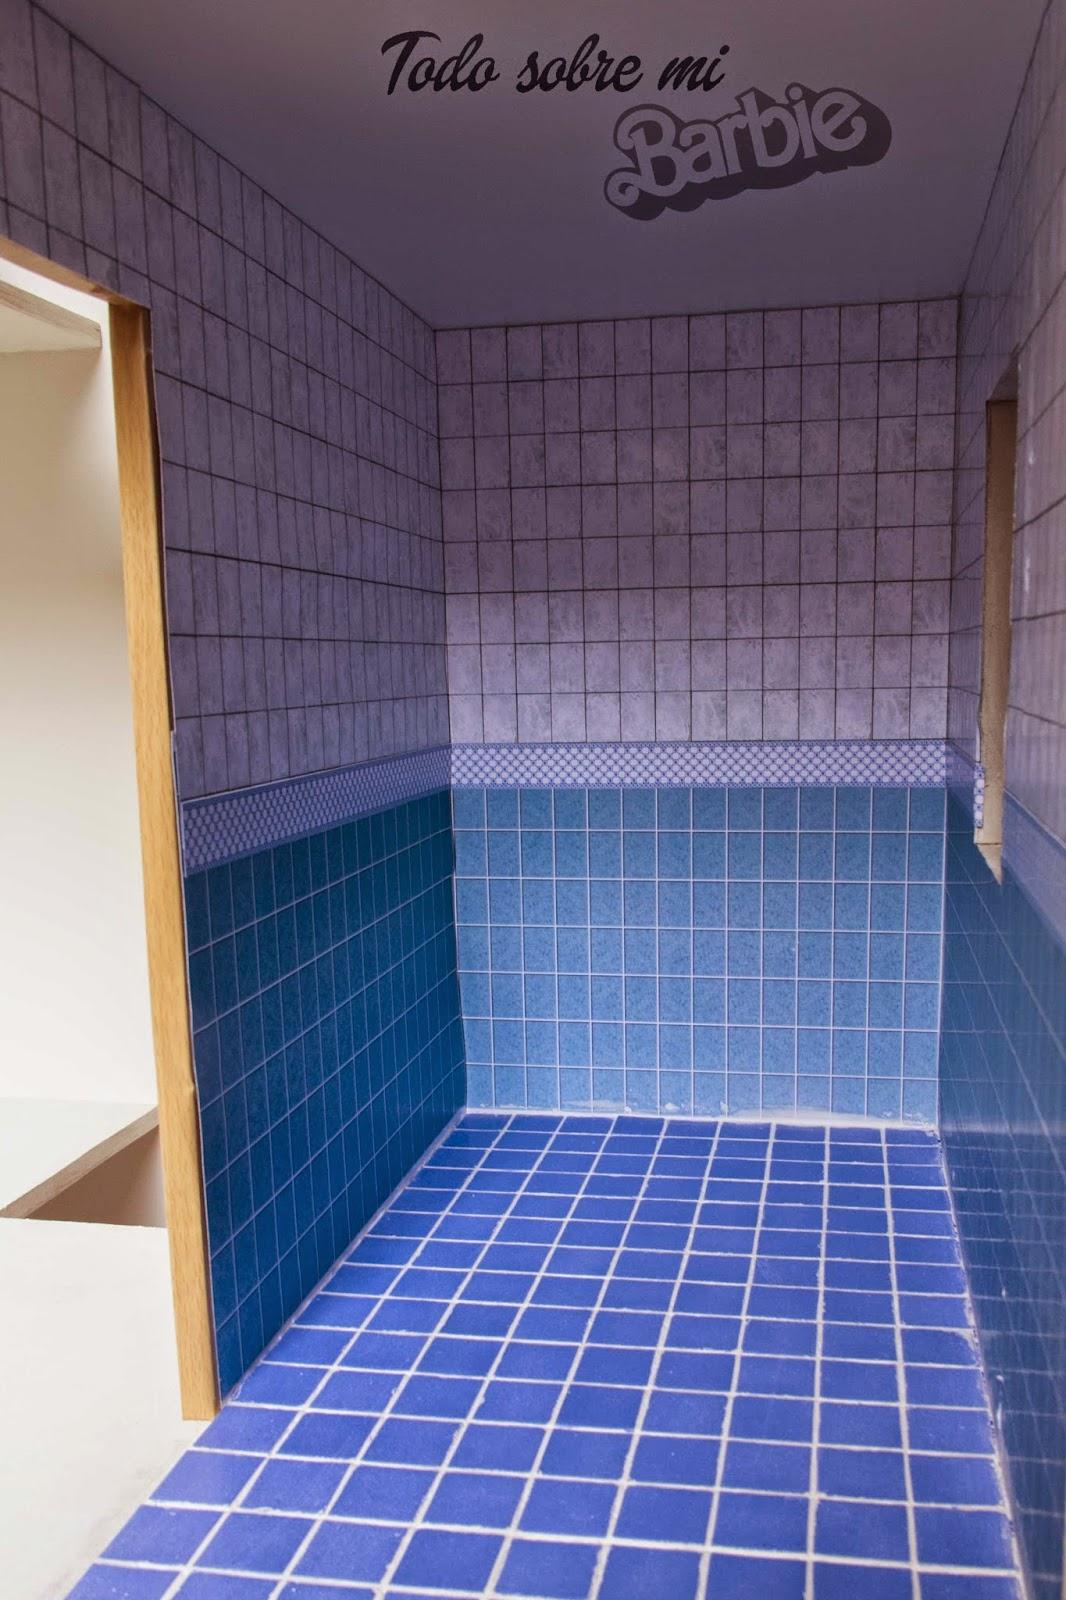 Azulejos Baño Sueltos:Todo sobre mi Barbie: Azulejos de baño